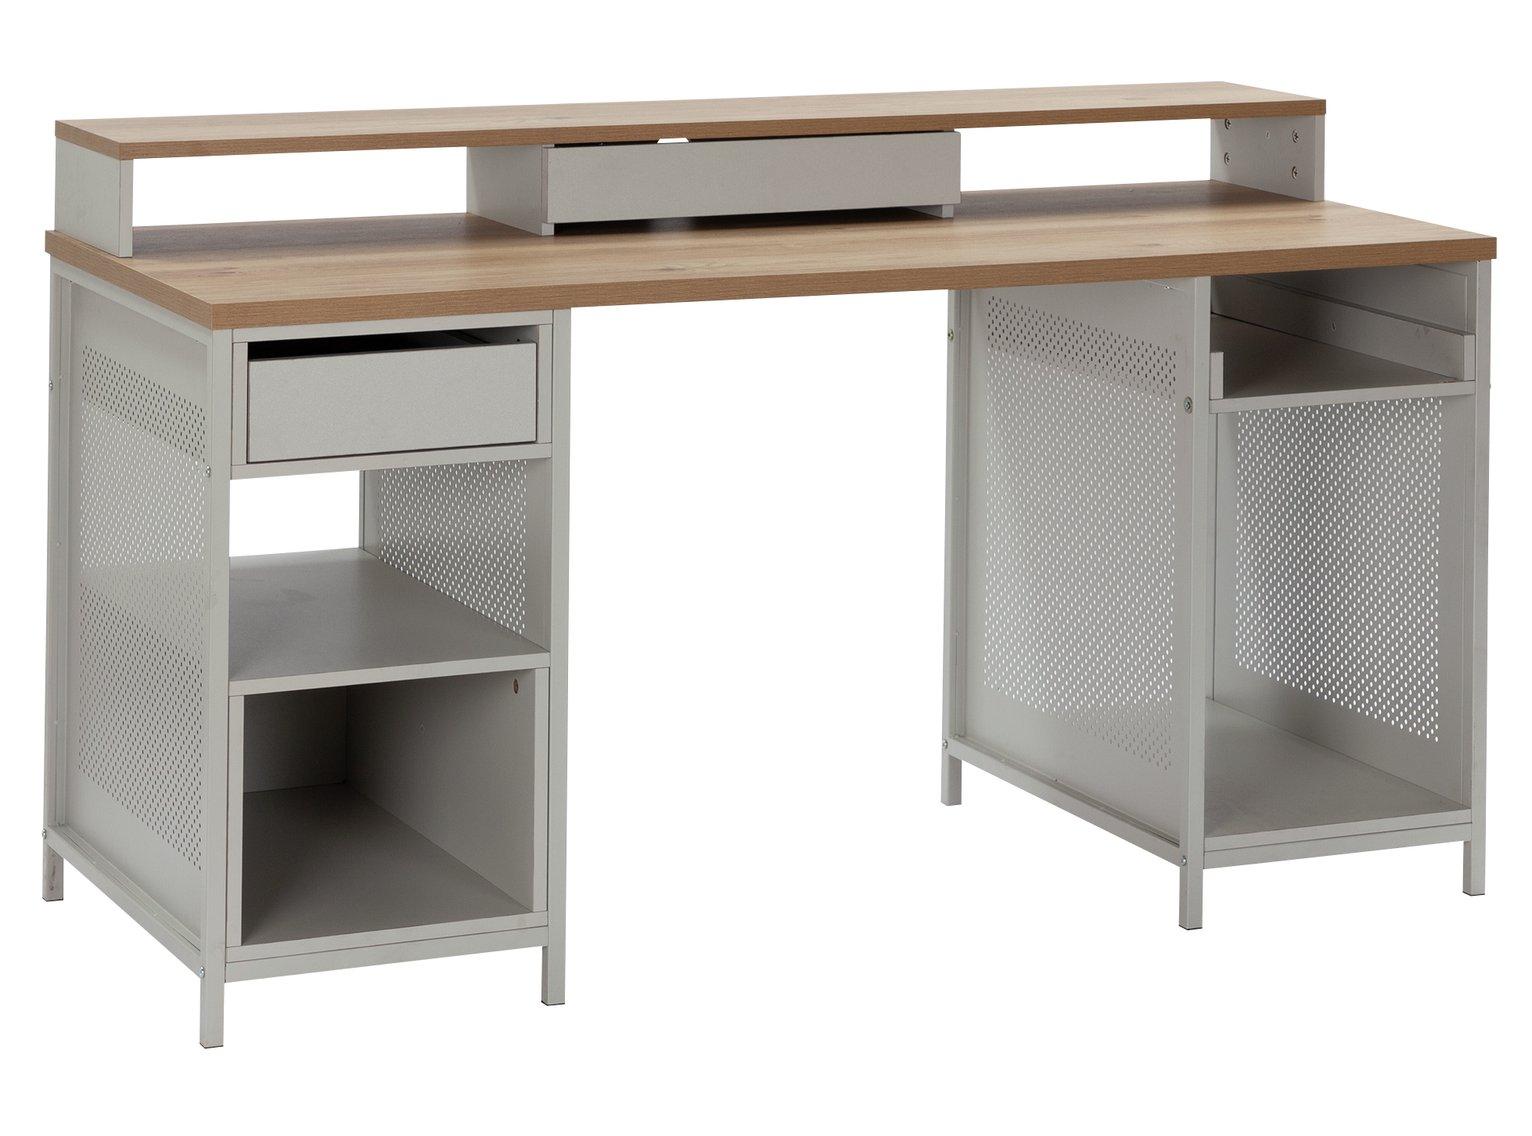 Argos Home Modular 1 Drawer Gaming Desk - Oak Effect & Grey